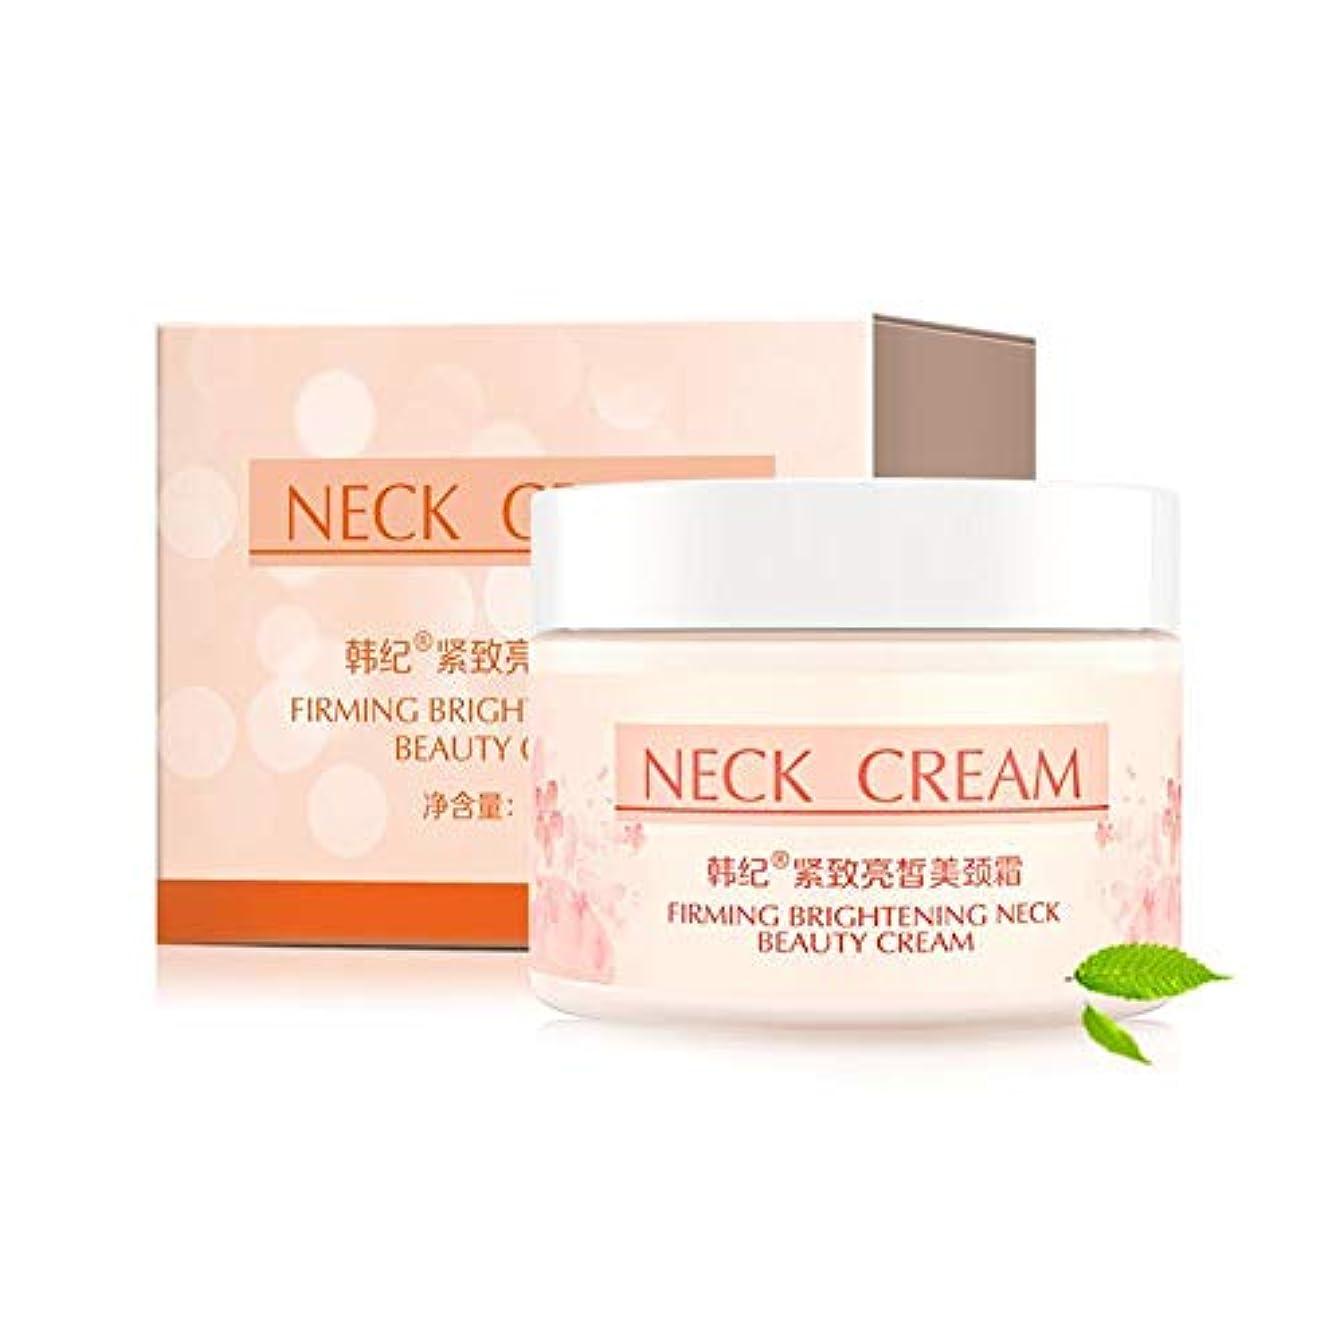 ポスト印象派抽選表向きBETTER YOU (ベター ュー) ネッククリーム、首のホワイトニング、肌の引き締め、ネックラインの減少、肌の栄養補給